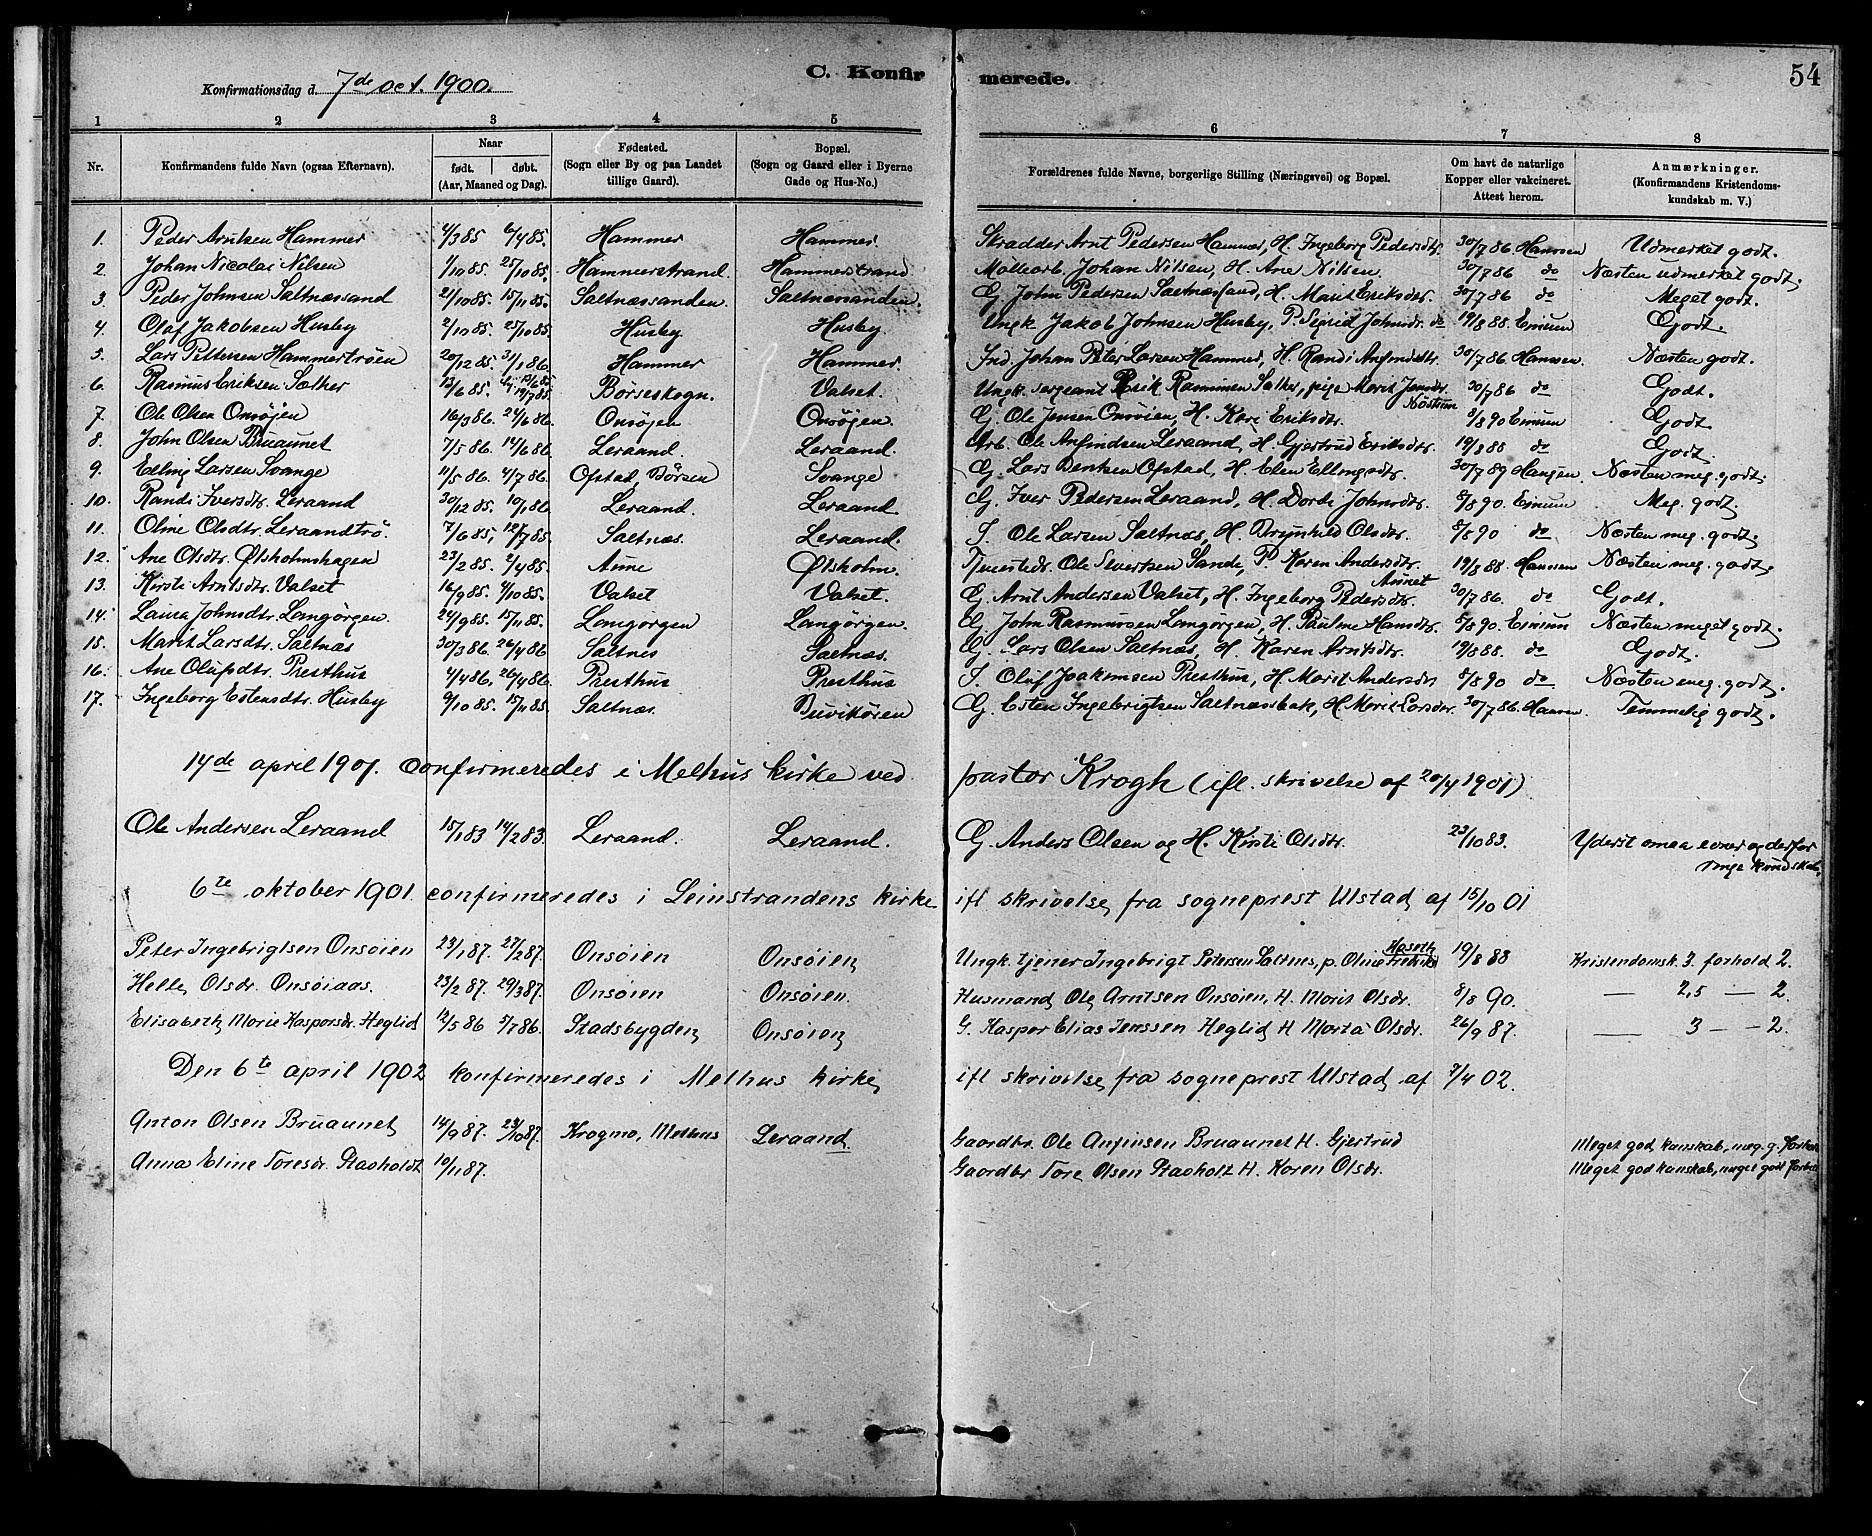 SAT, Ministerialprotokoller, klokkerbøker og fødselsregistre - Sør-Trøndelag, 666/L0790: Klokkerbok nr. 666C03, 1885-1908, s. 54